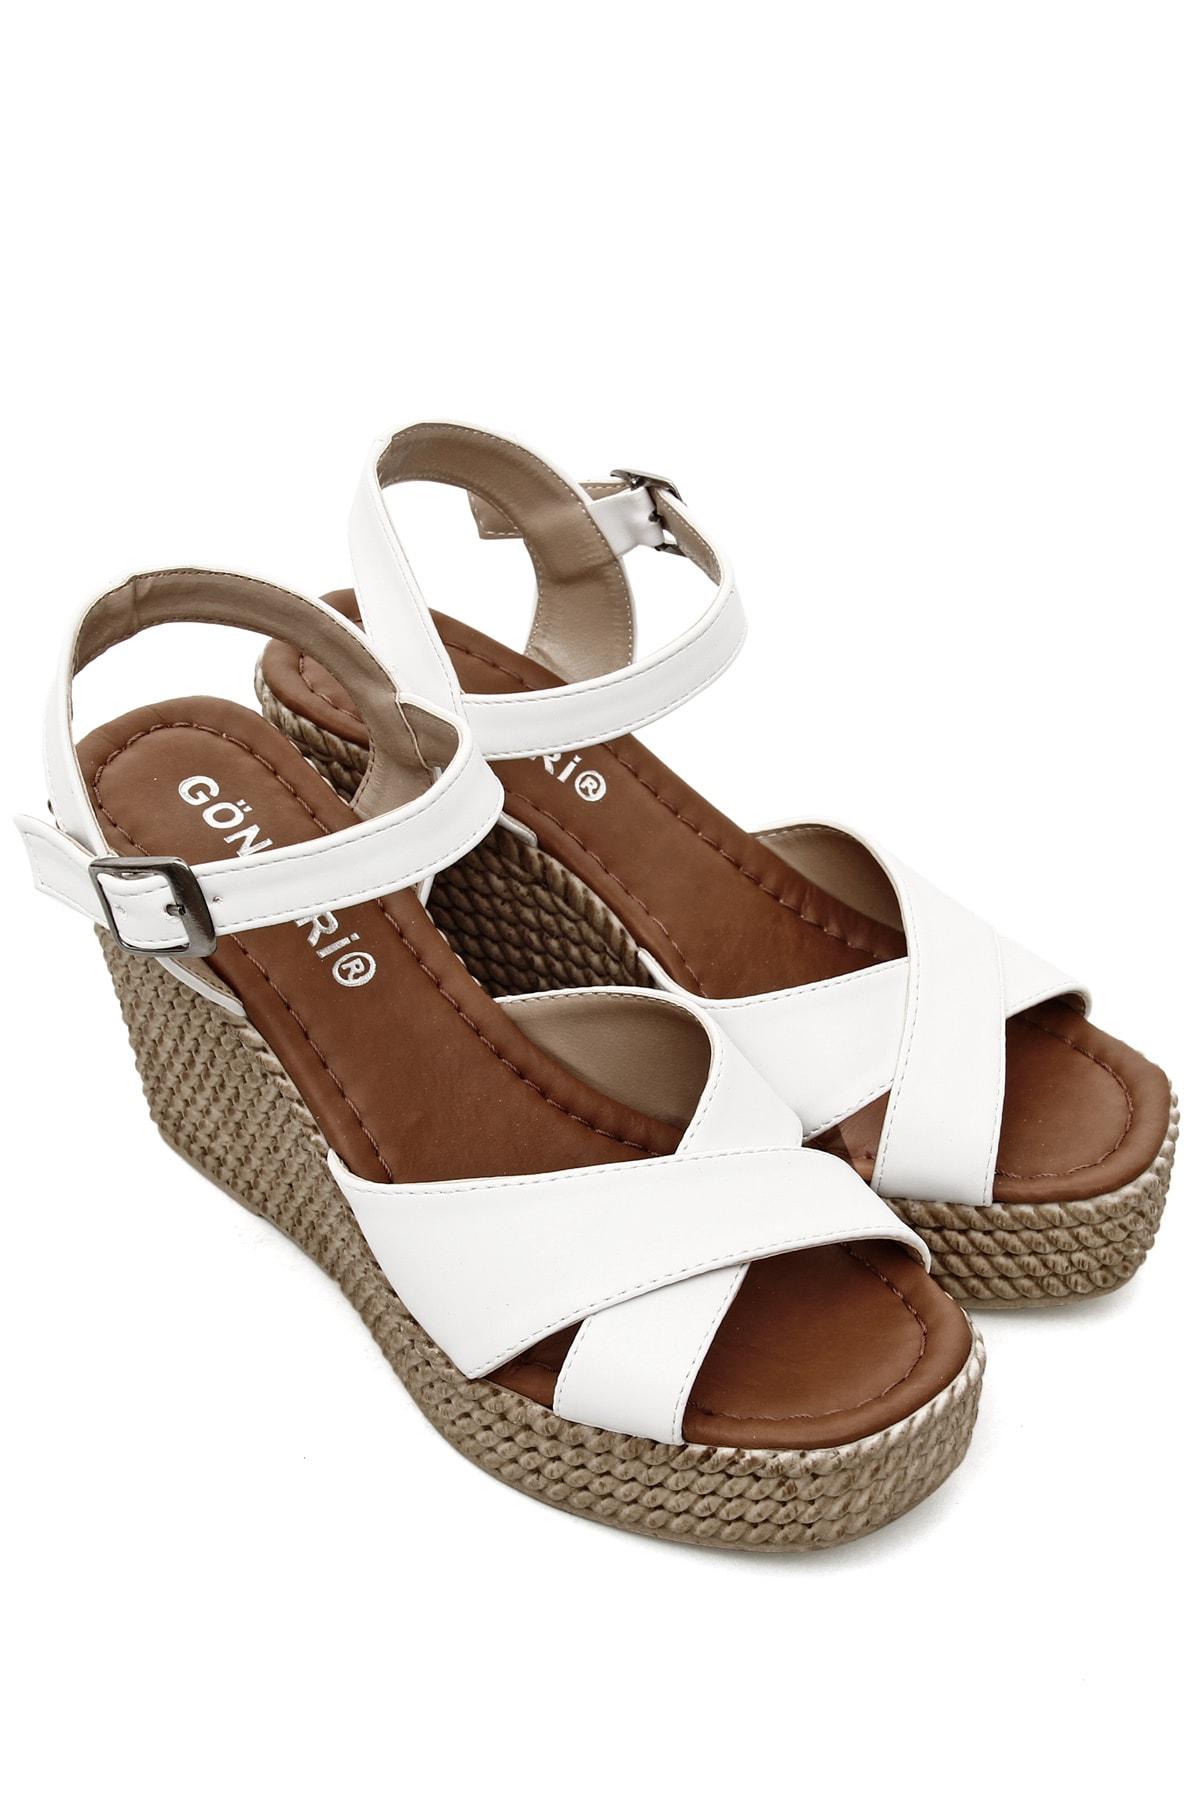 GÖNDERİ(R) Beyaz Kadın Sandalet 40533 1